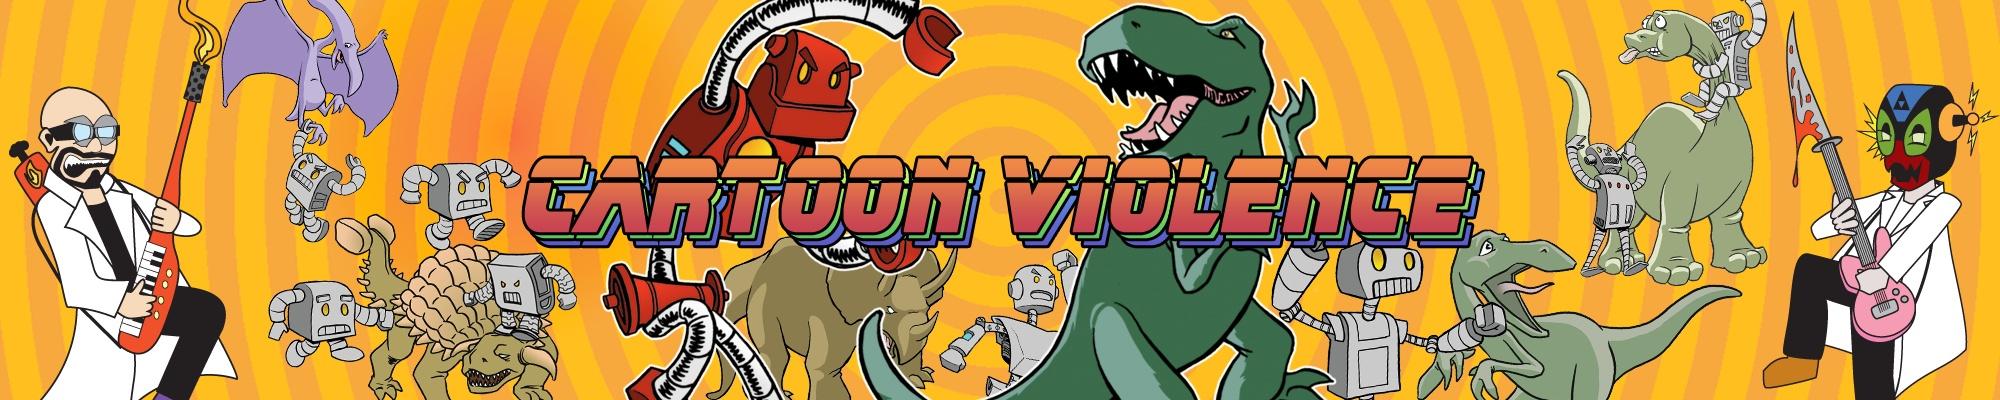 cartoonviolence Cover